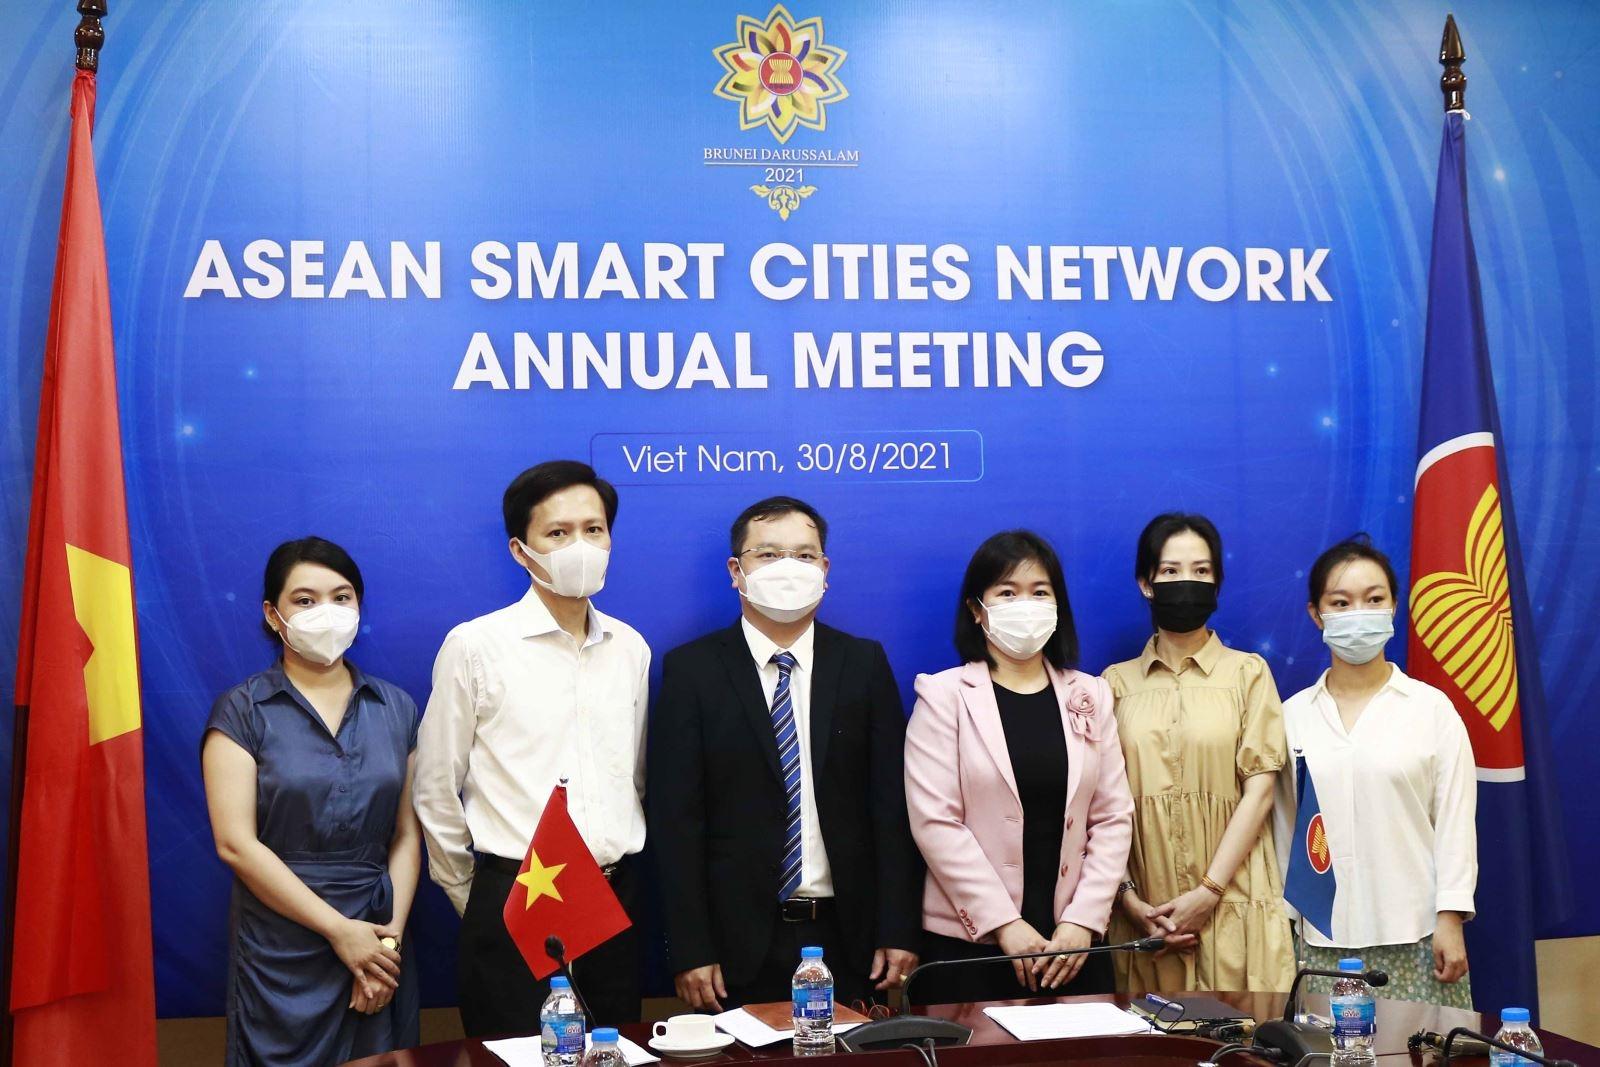 Khai mạc Hội nghị thường niên Mạng lưới đô thị thông minh ASEAN lần thứ IV